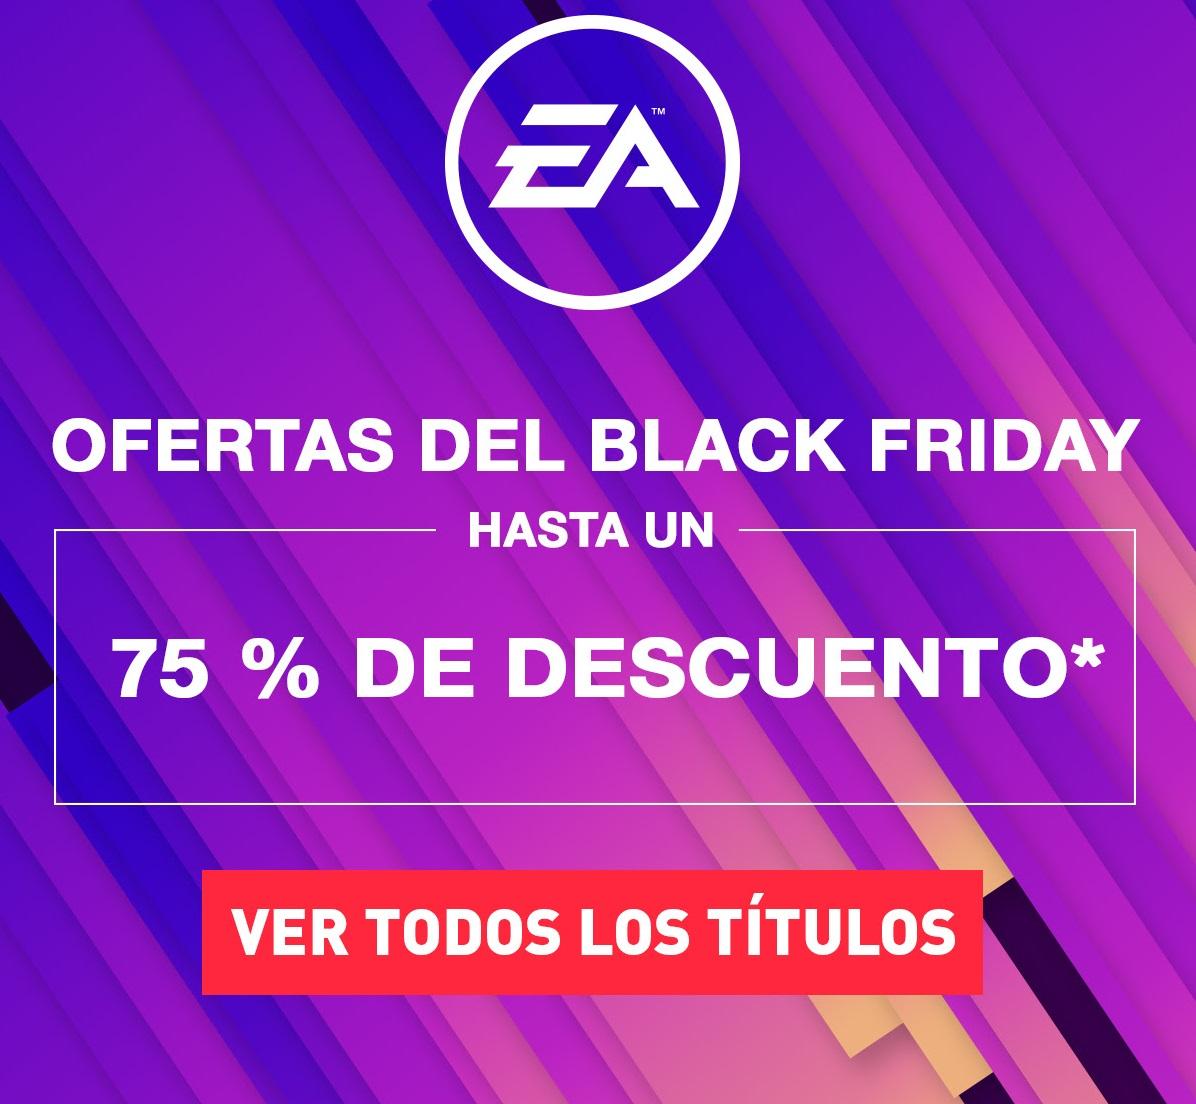 Descuentos de EA hasta el 75% (PS4, Xbox One)